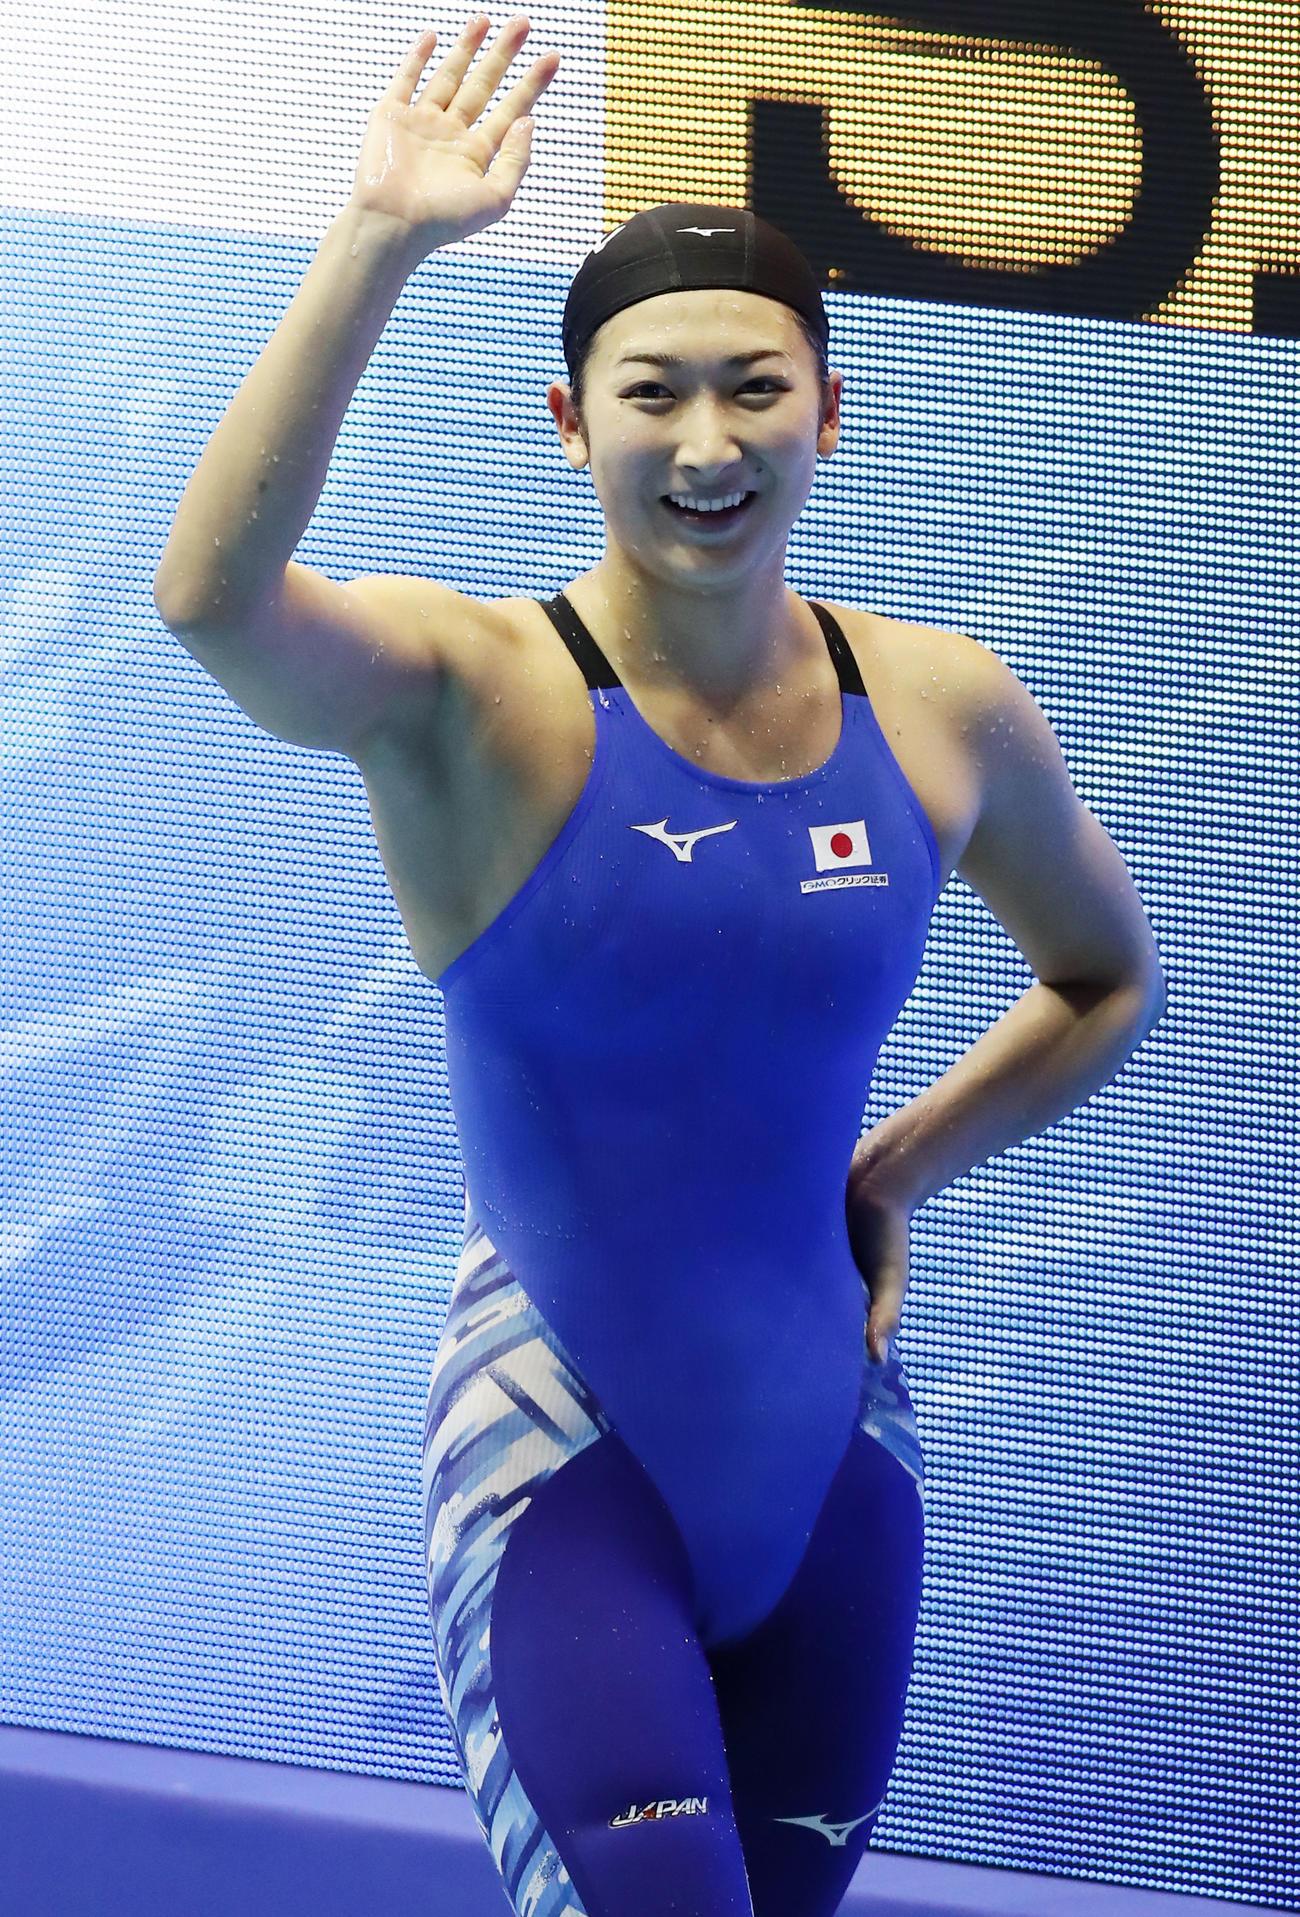 18年8月、パンパシフィック水泳の女子200メートル自由形決勝で日本新記録で銀メダルを決め笑顔を見せる池江璃花子